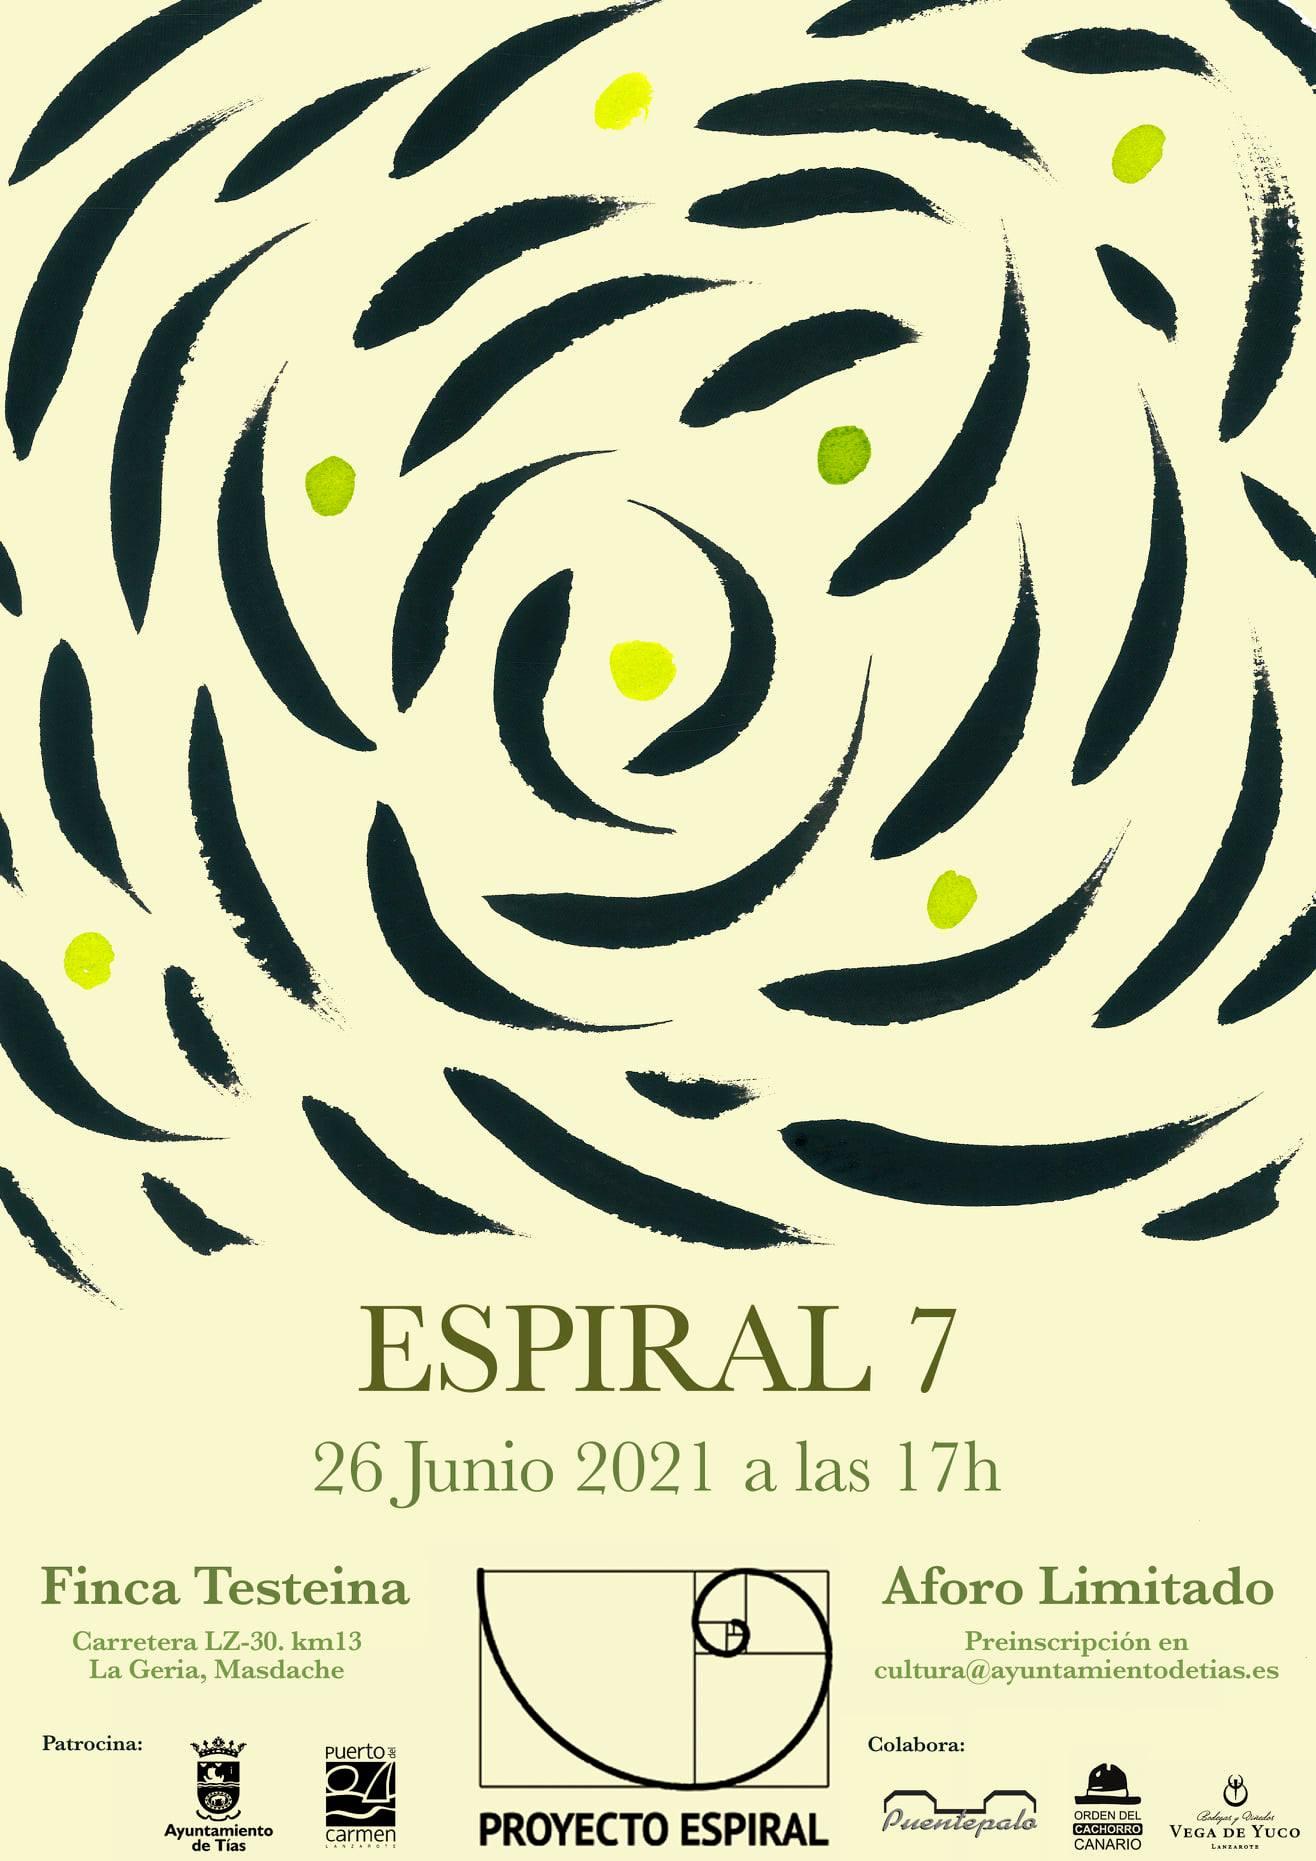 Encuentro poético 'Espiral 7' en Finca Teisteina, Tías